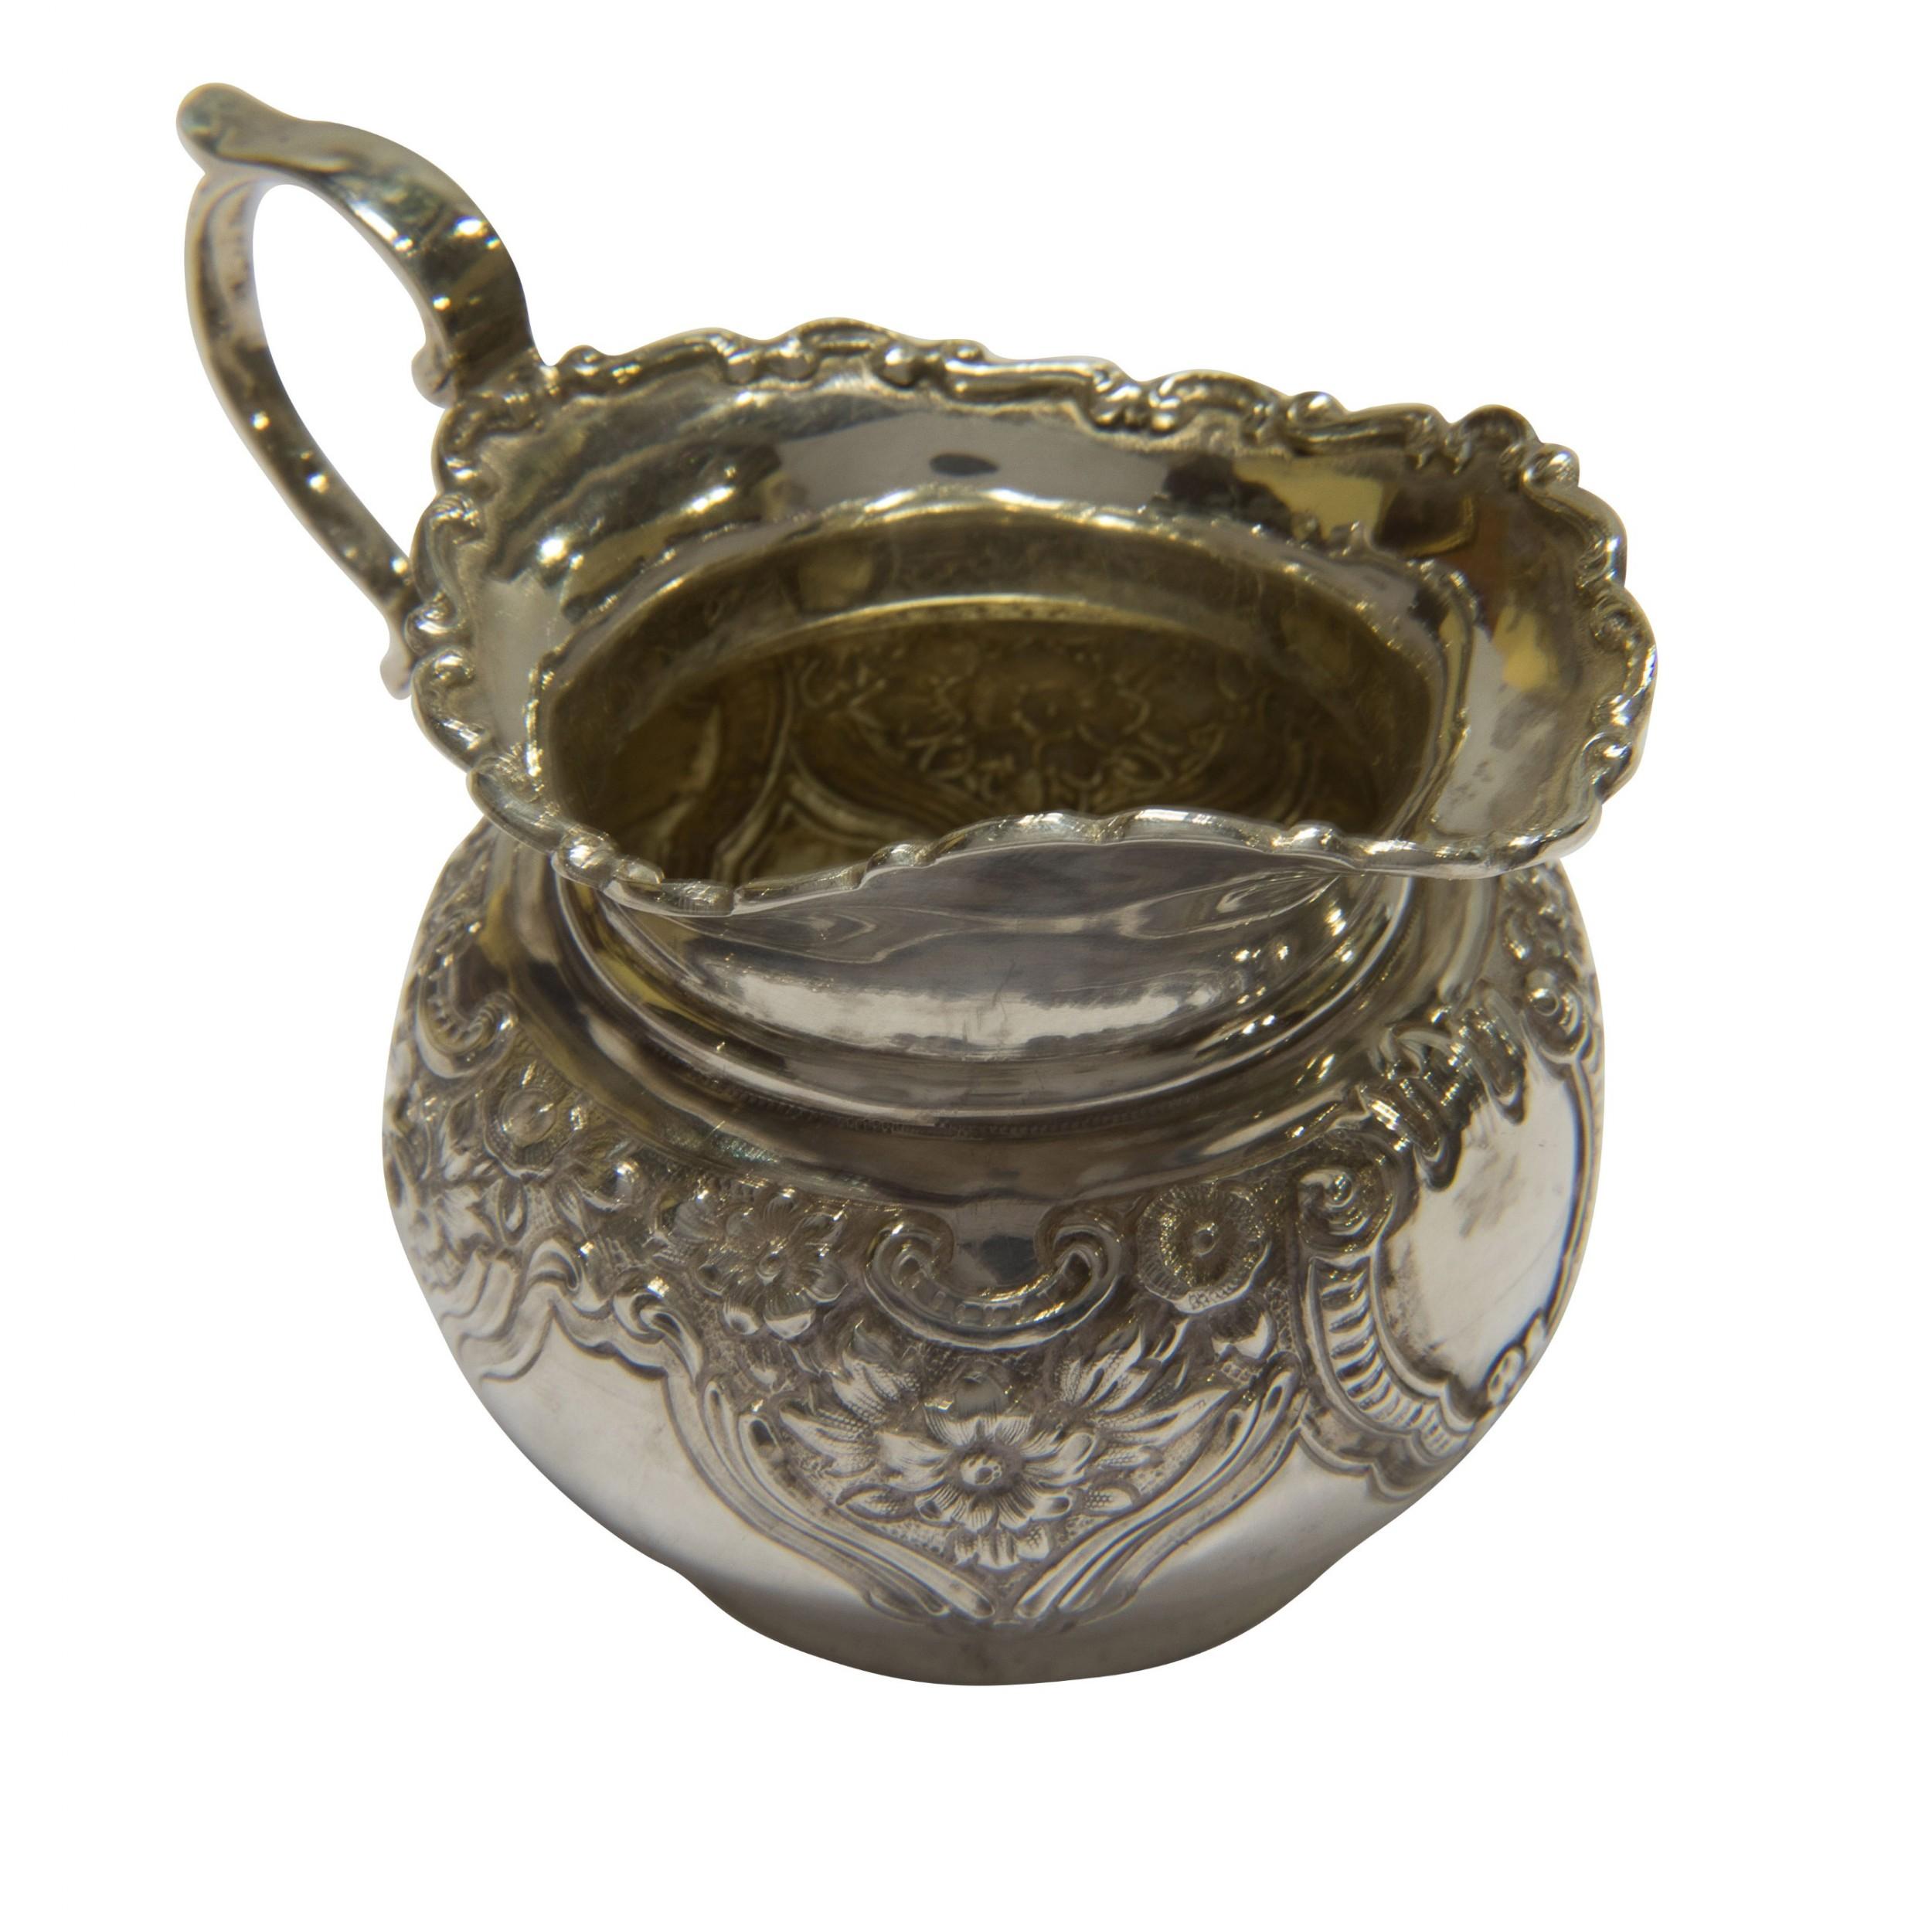 silver cream jug birmingham 1902